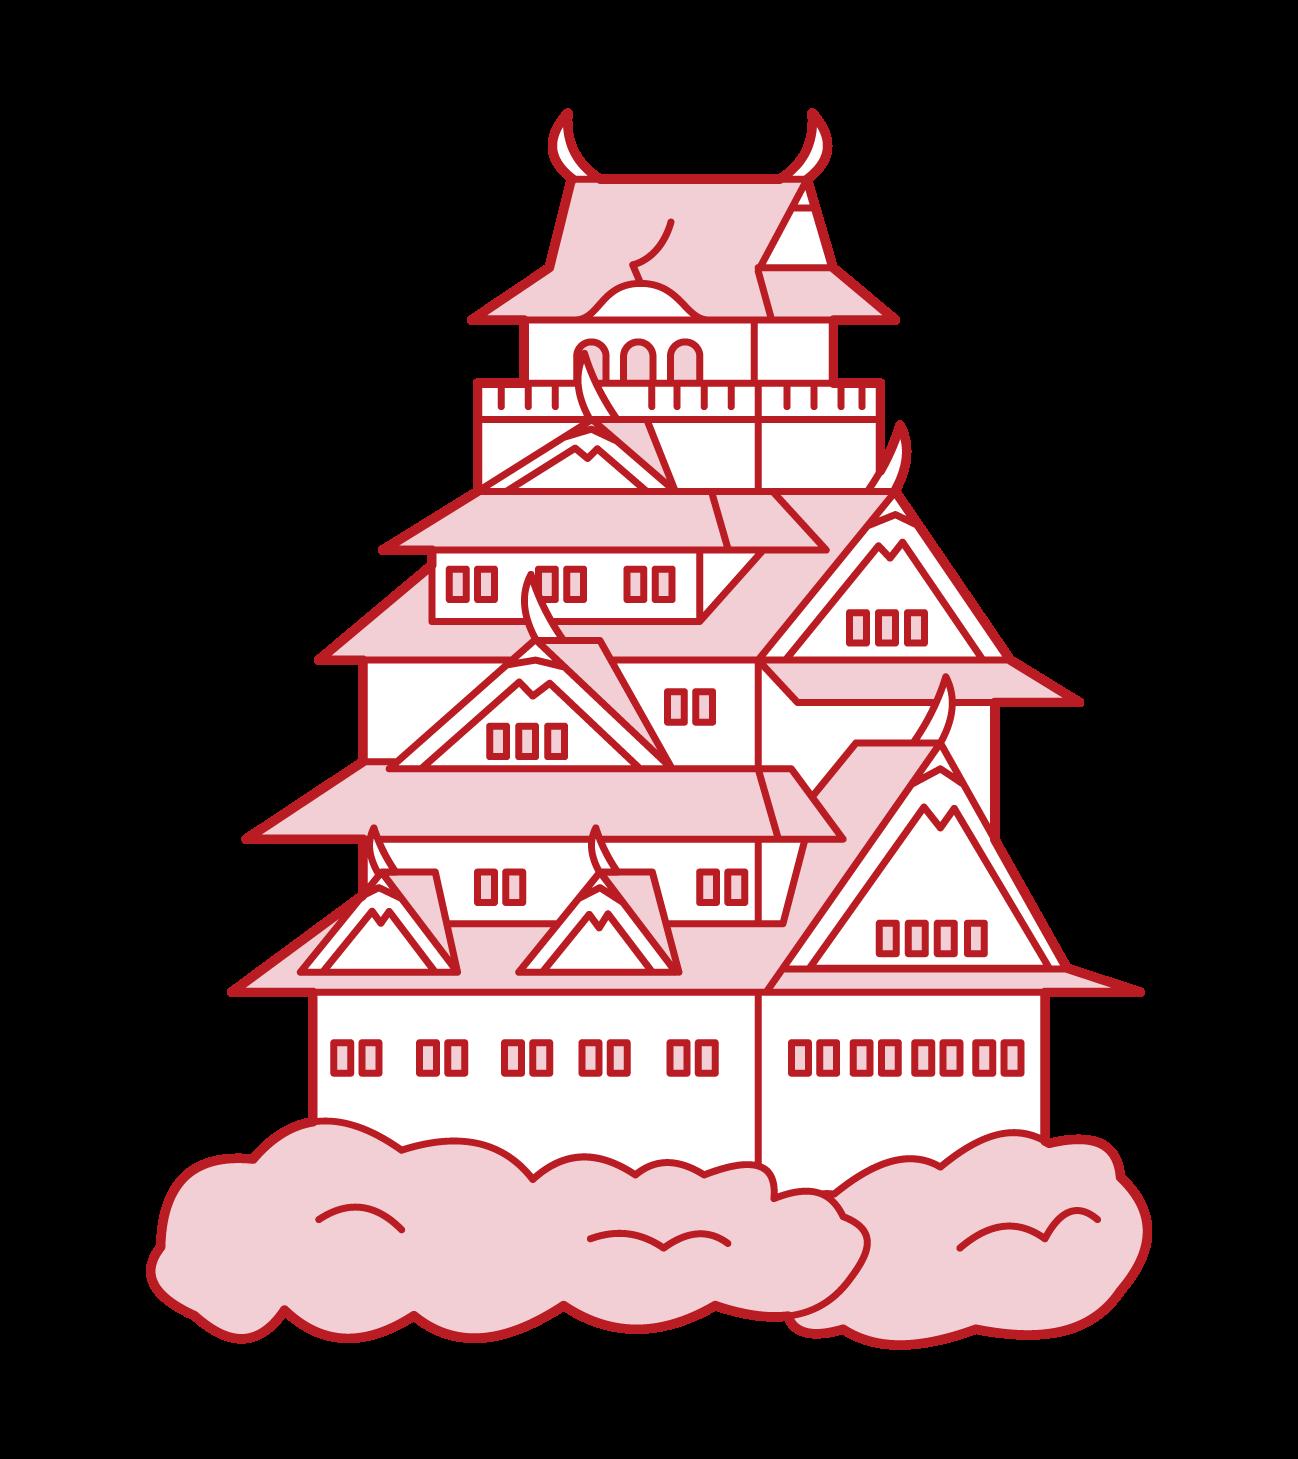 오사카성의 일러스트